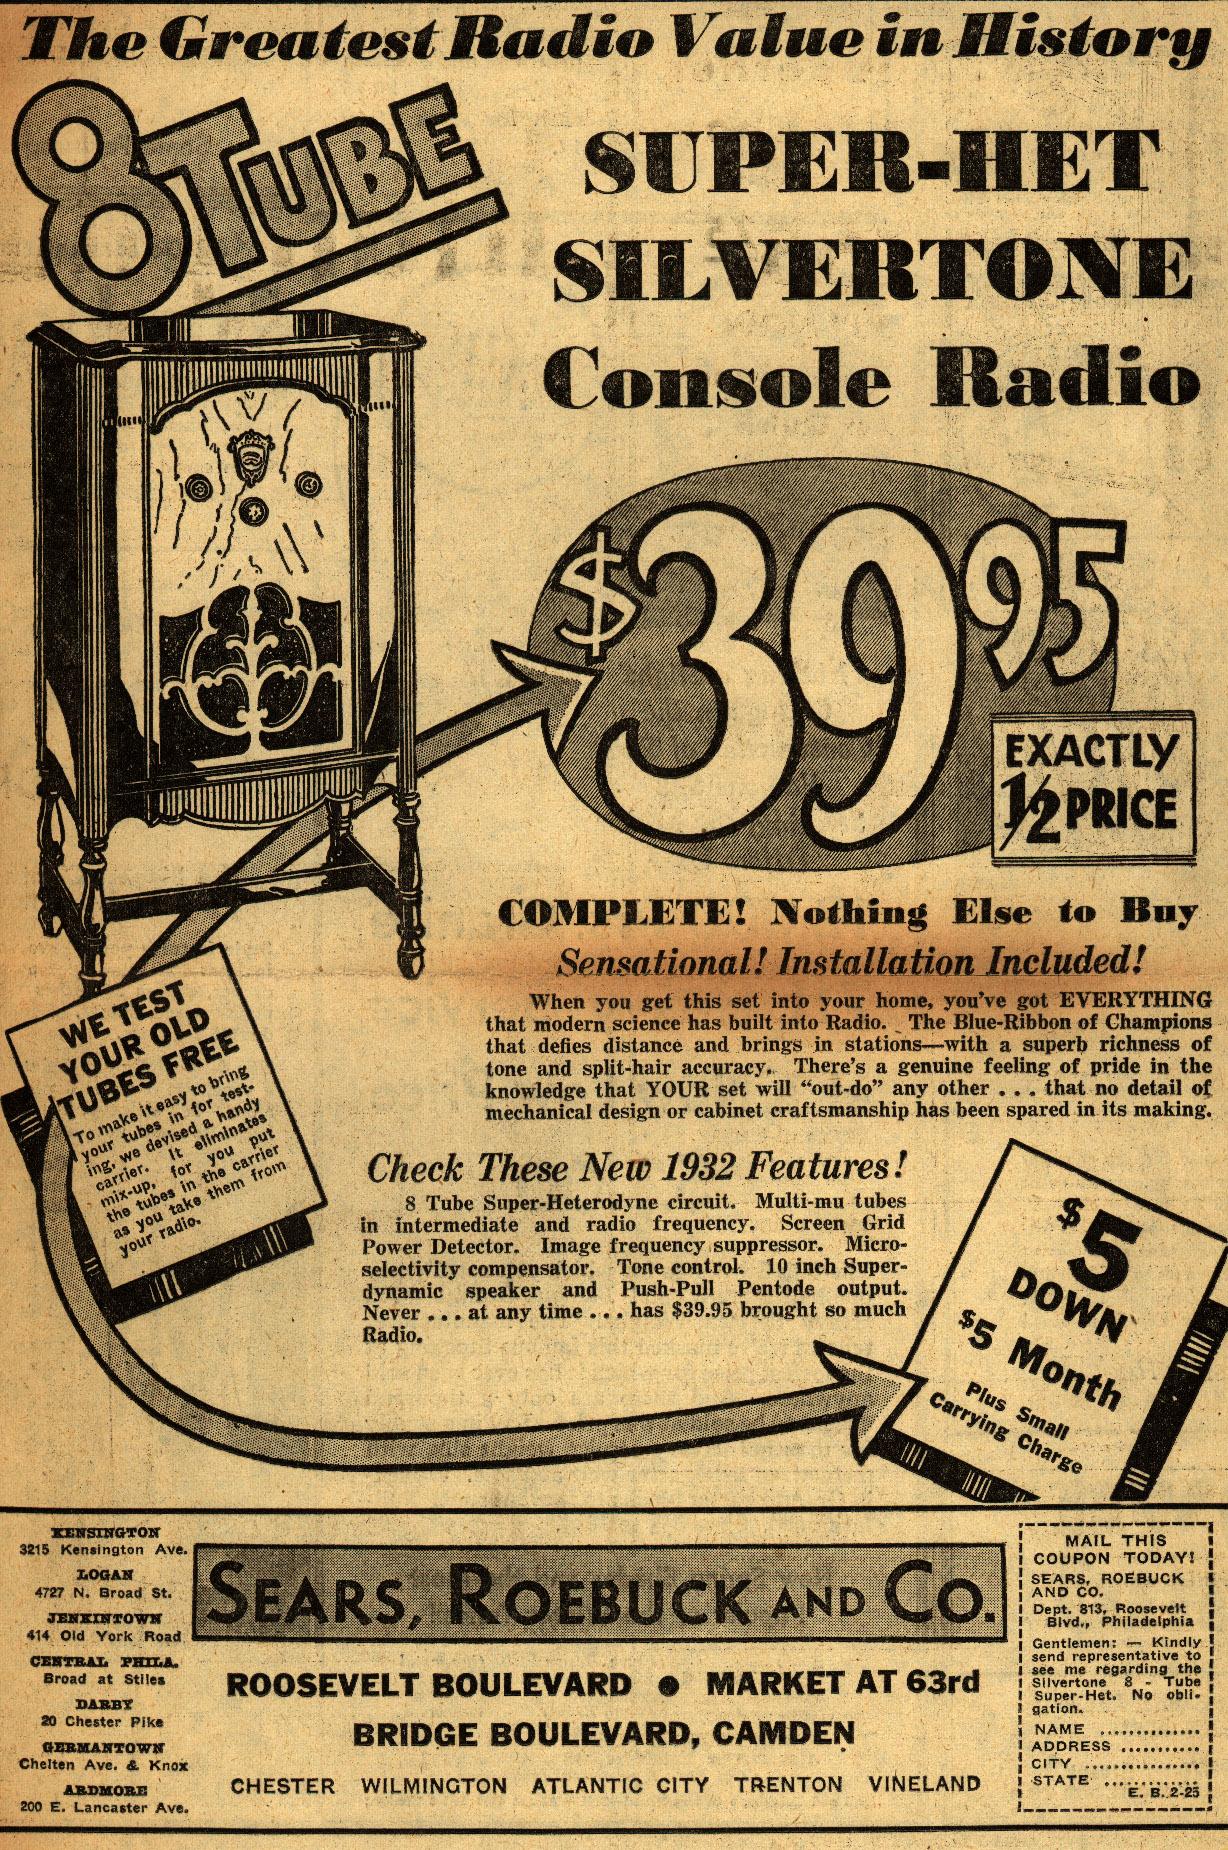 Super-Het_Silvertone_Console_Radio